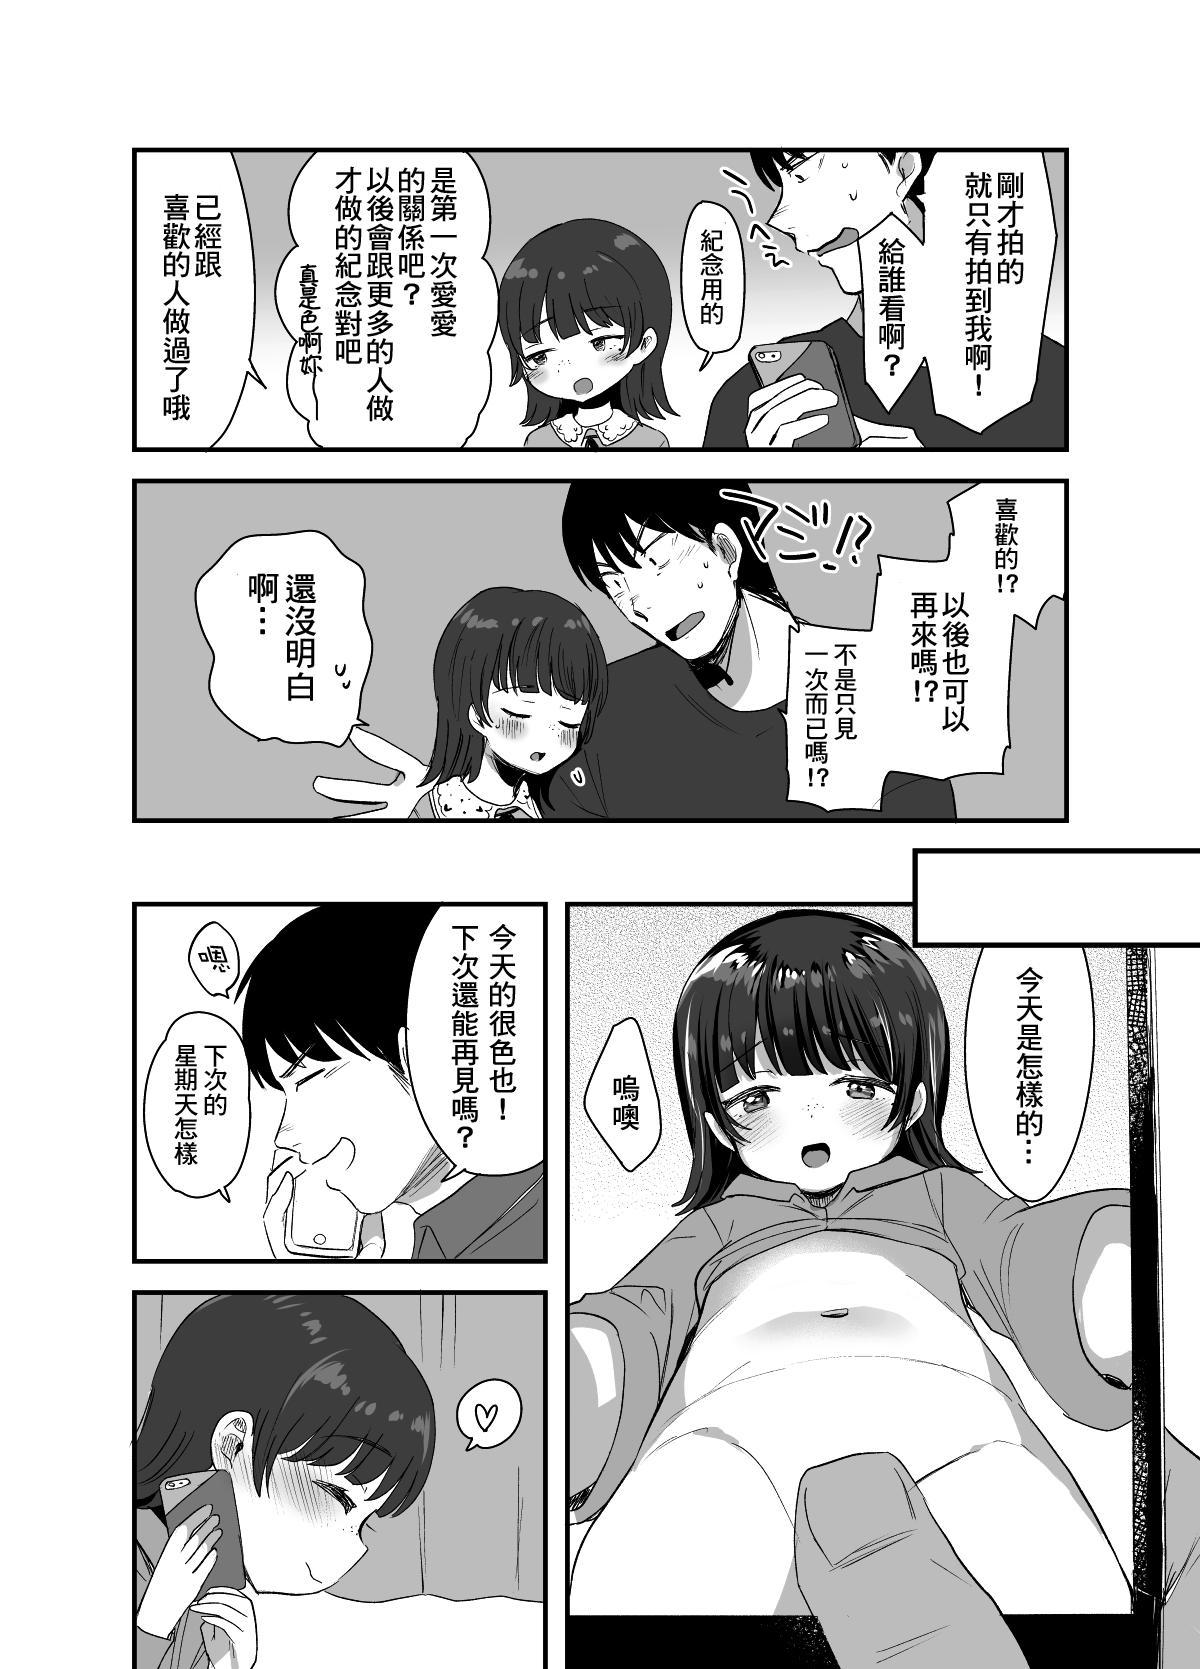 Ore ni dake Ero Jidori o Okutte Kureru JS to Hajimete no Off-kai de 27